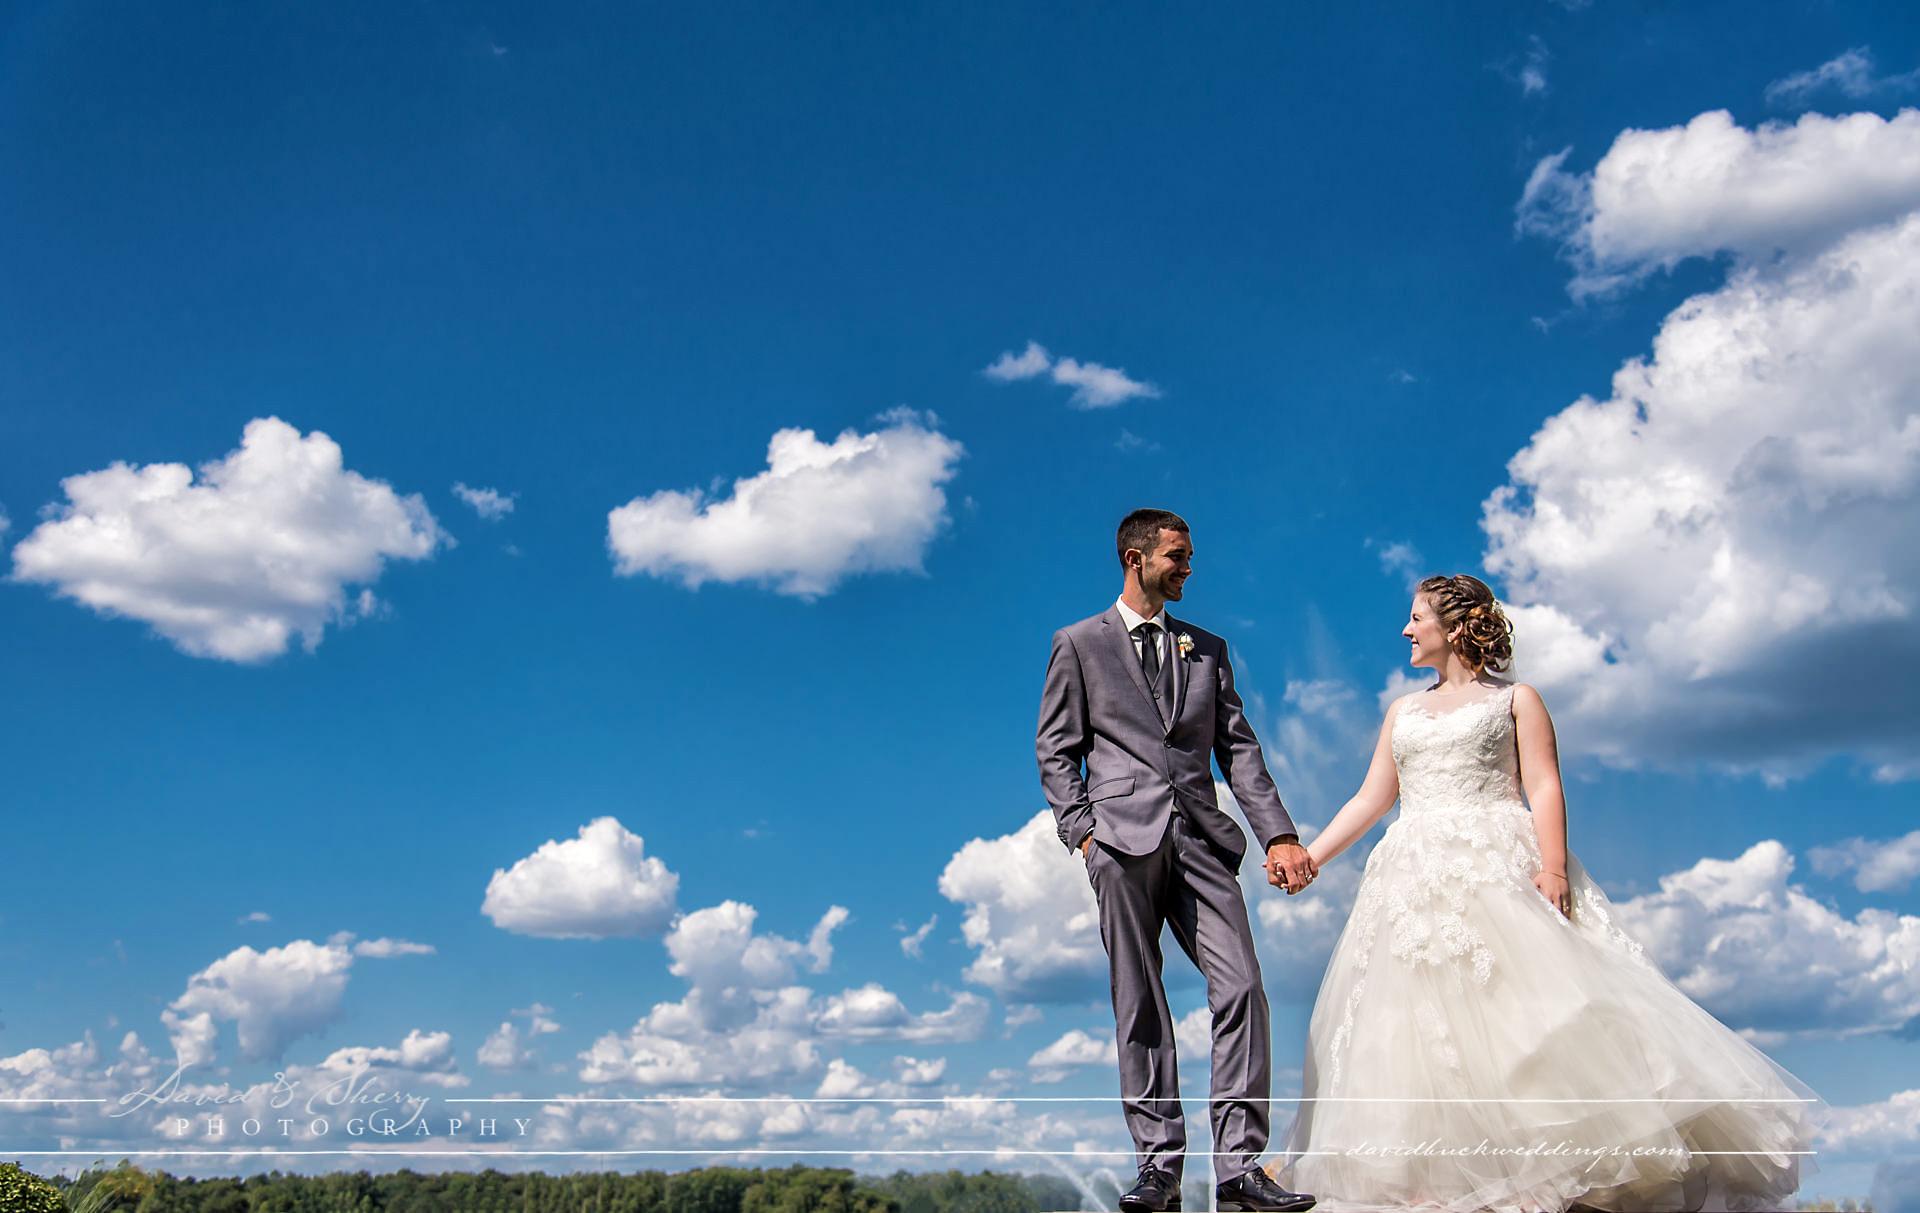 Windsor_Wedding_Photography_01